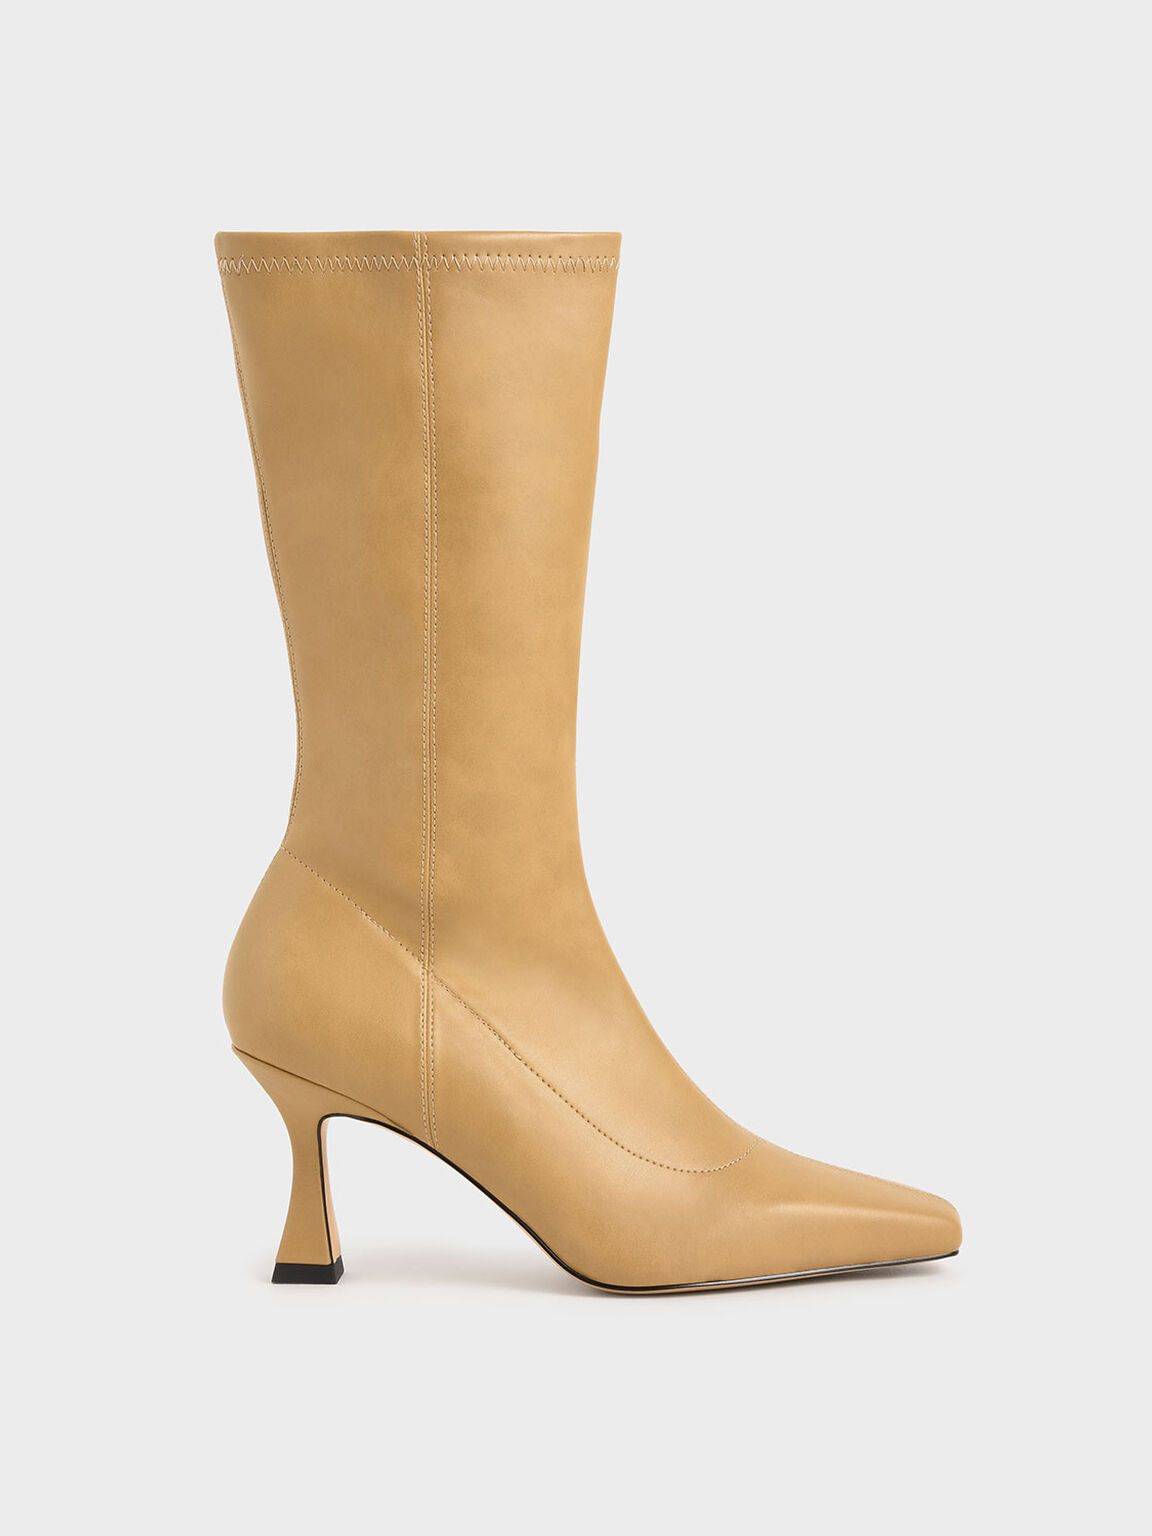 Spool Heel Calf Boots, Camel, hi-res